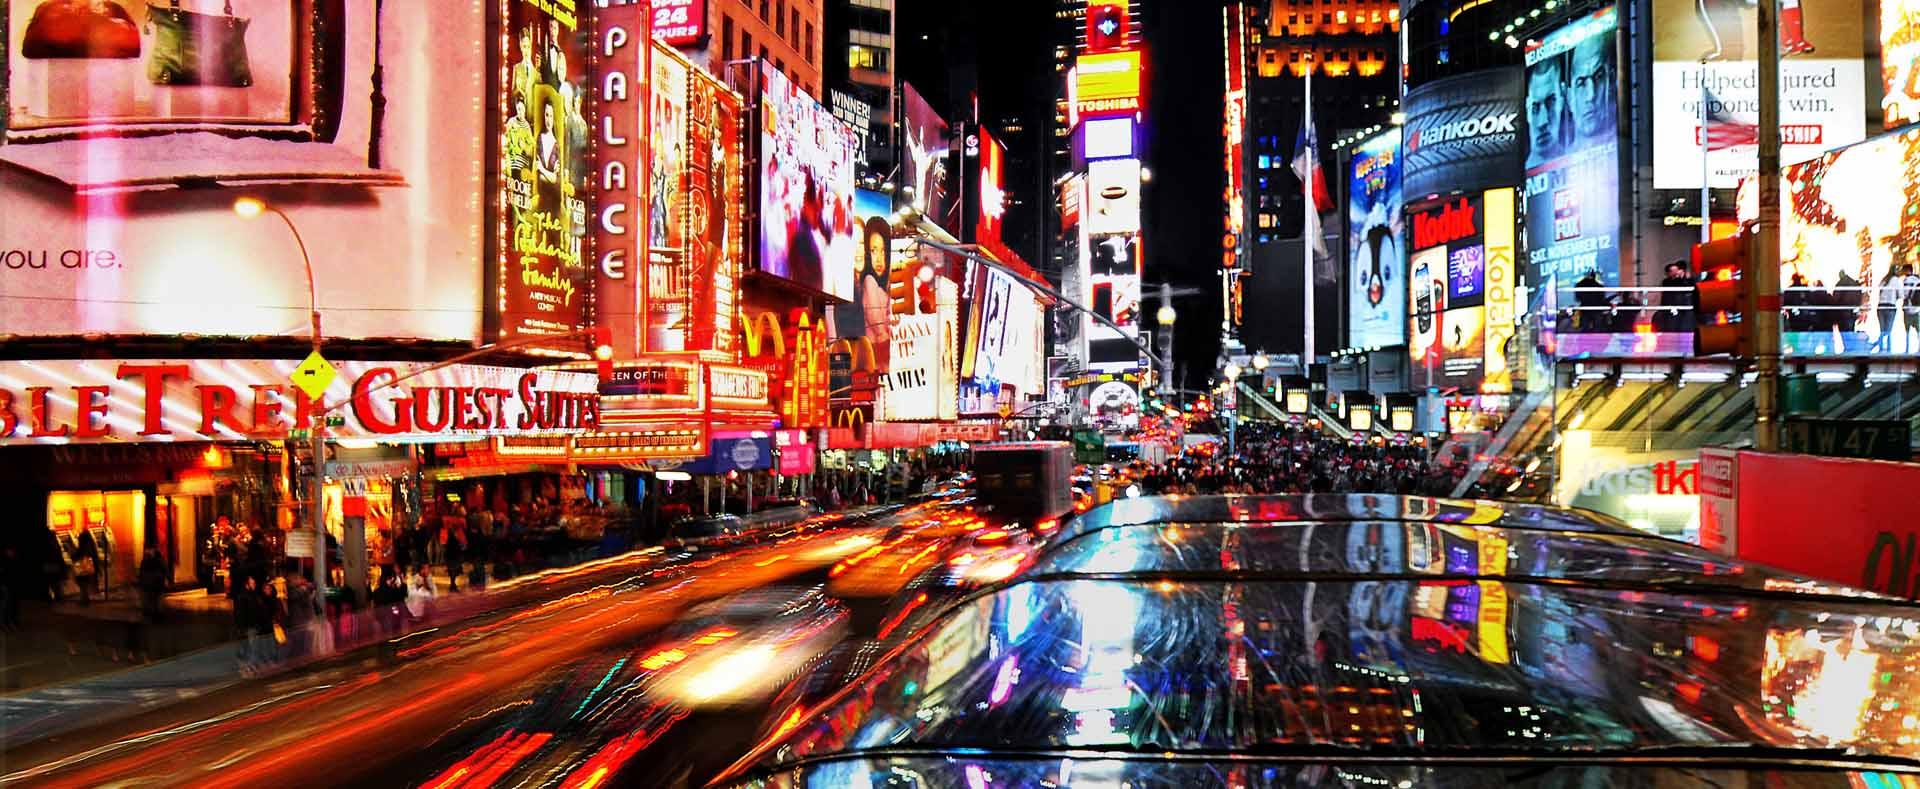 écrans led affichage urbain city